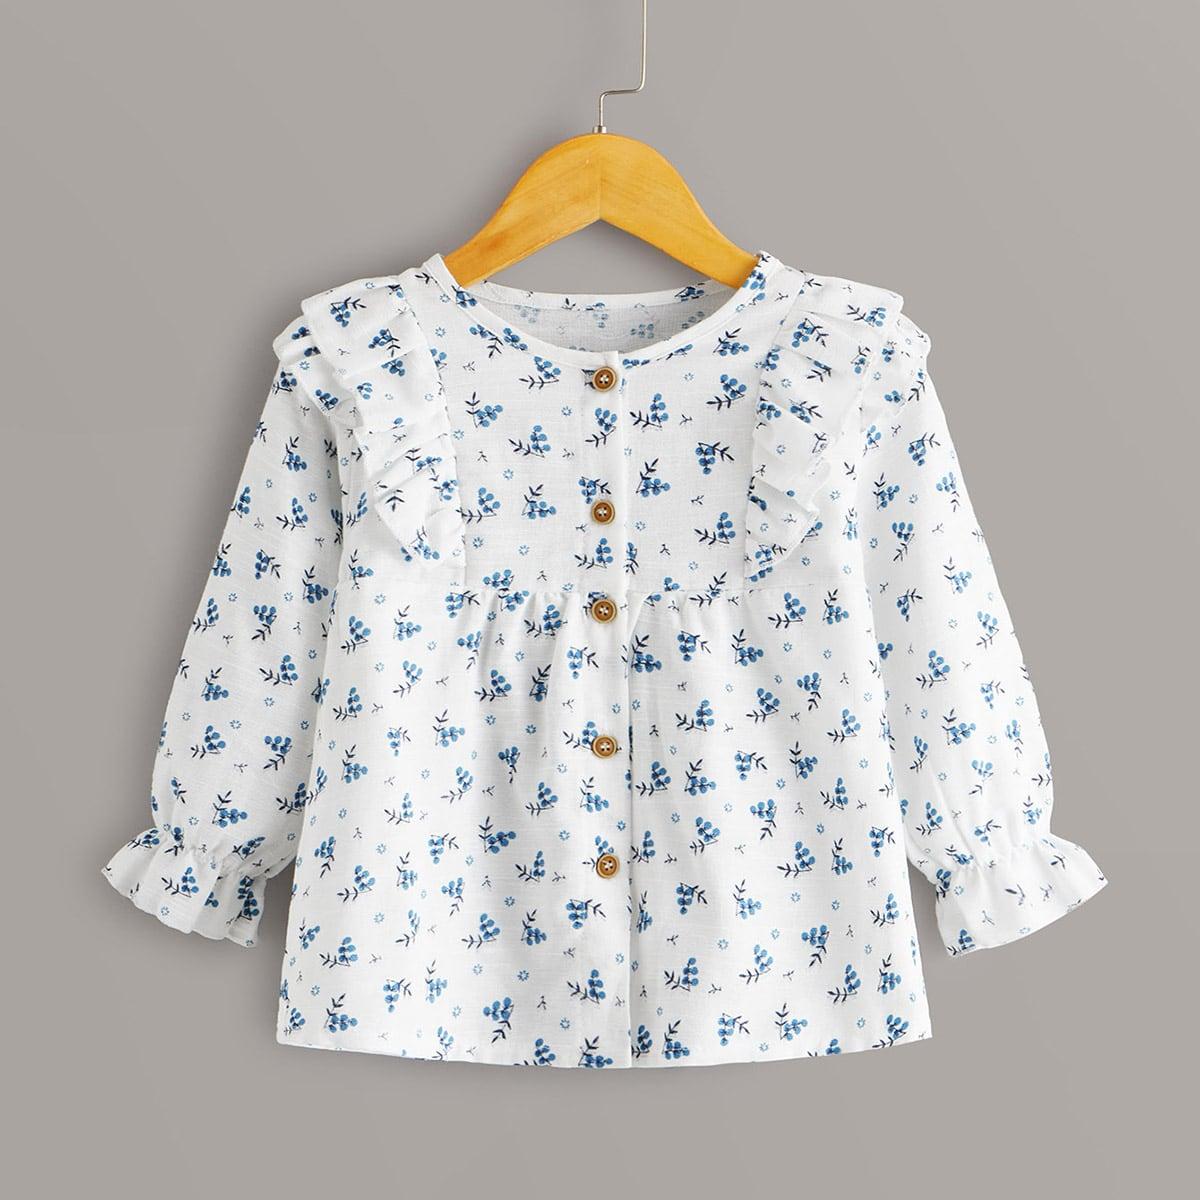 Блуза с пуговицами, оборками и принтом растения для девочек от SHEIN